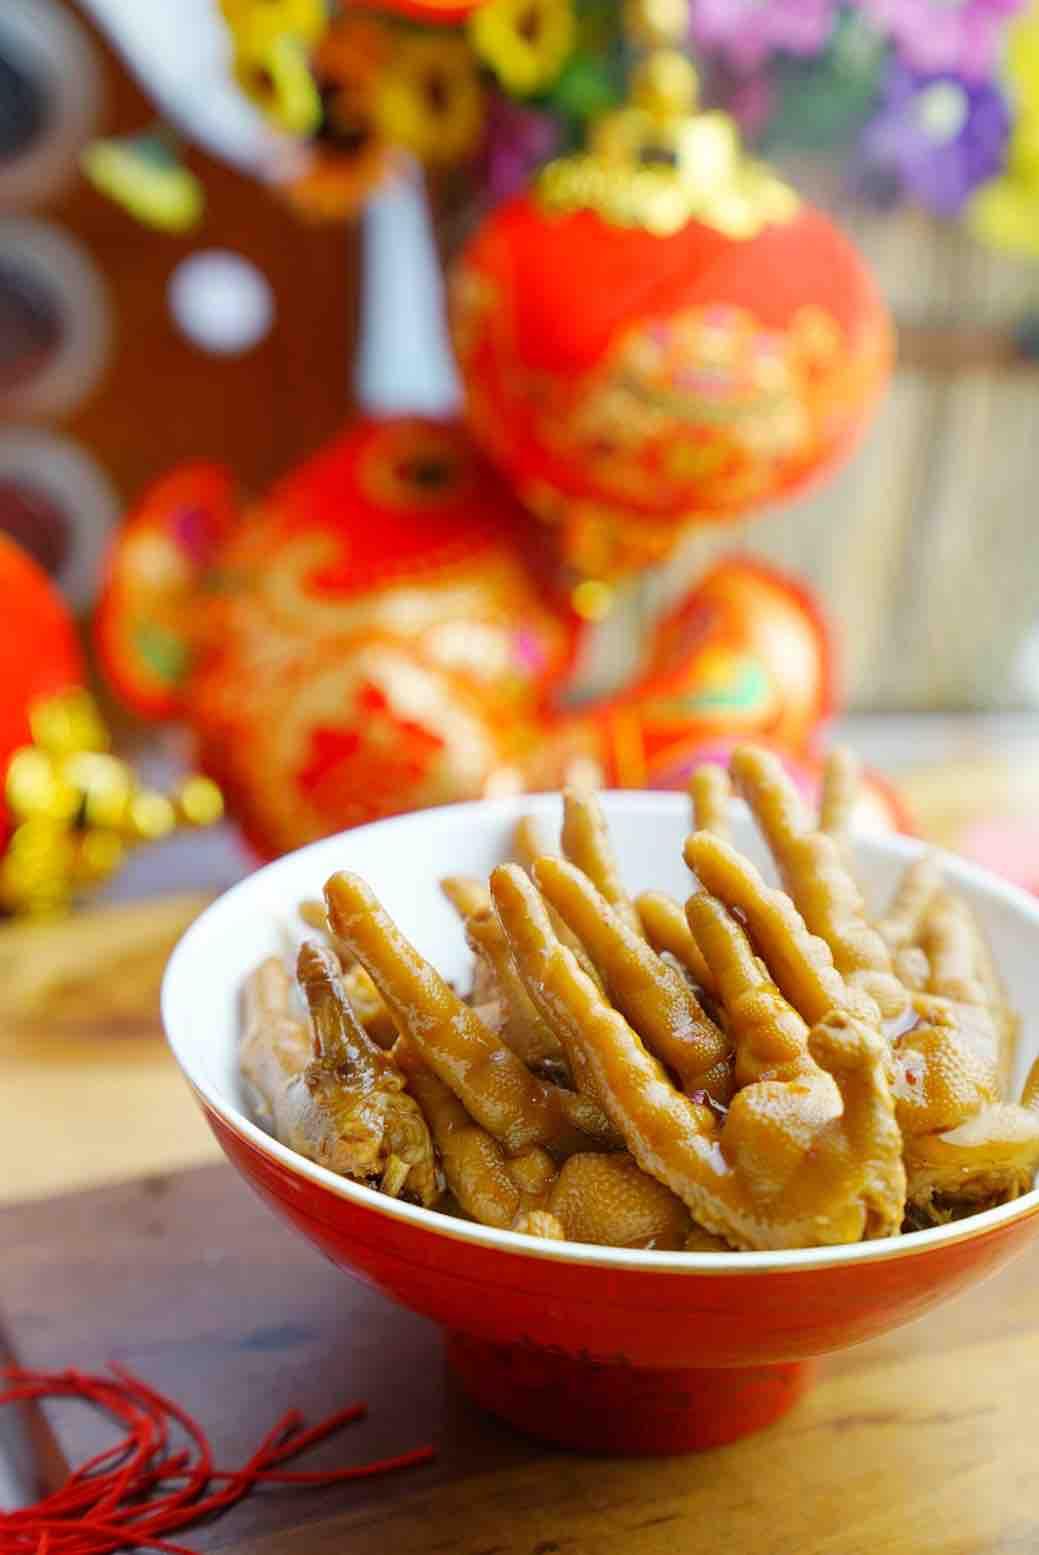 麻辣卤鸡爪,年菜里不可缺少的一道菜成品图